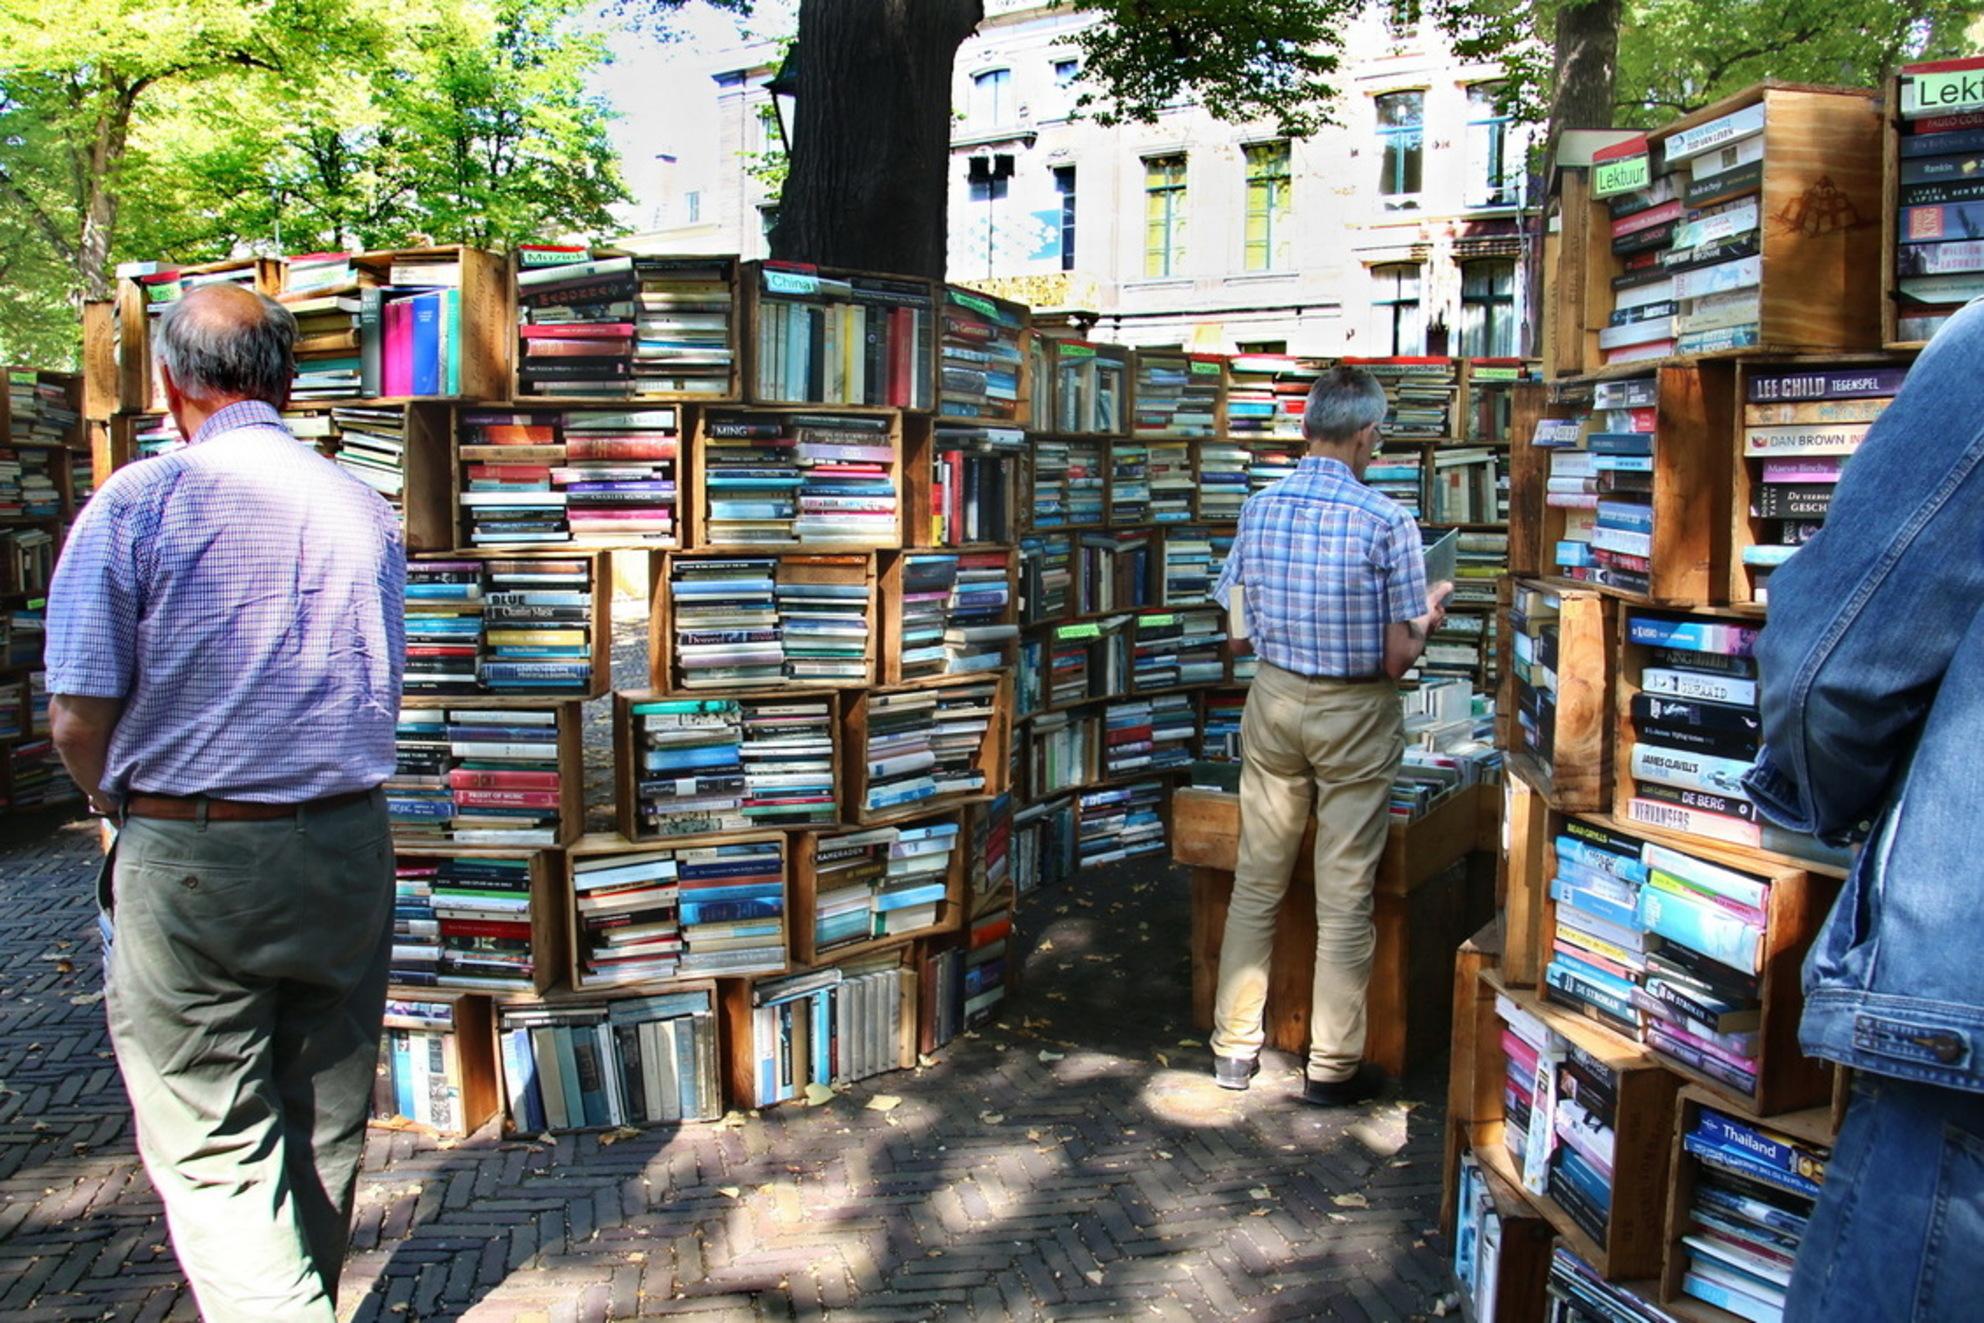 boeken -1- - boekenmarkt Den Haag - foto door fotohela op 26-08-2019 - deze foto bevat: man, mensen, kleur, straat, markt, stad, beweging, plein, straatfotografie, vrijmarkt, centrum, boekenmarkt, Den Haag, lange voorhout